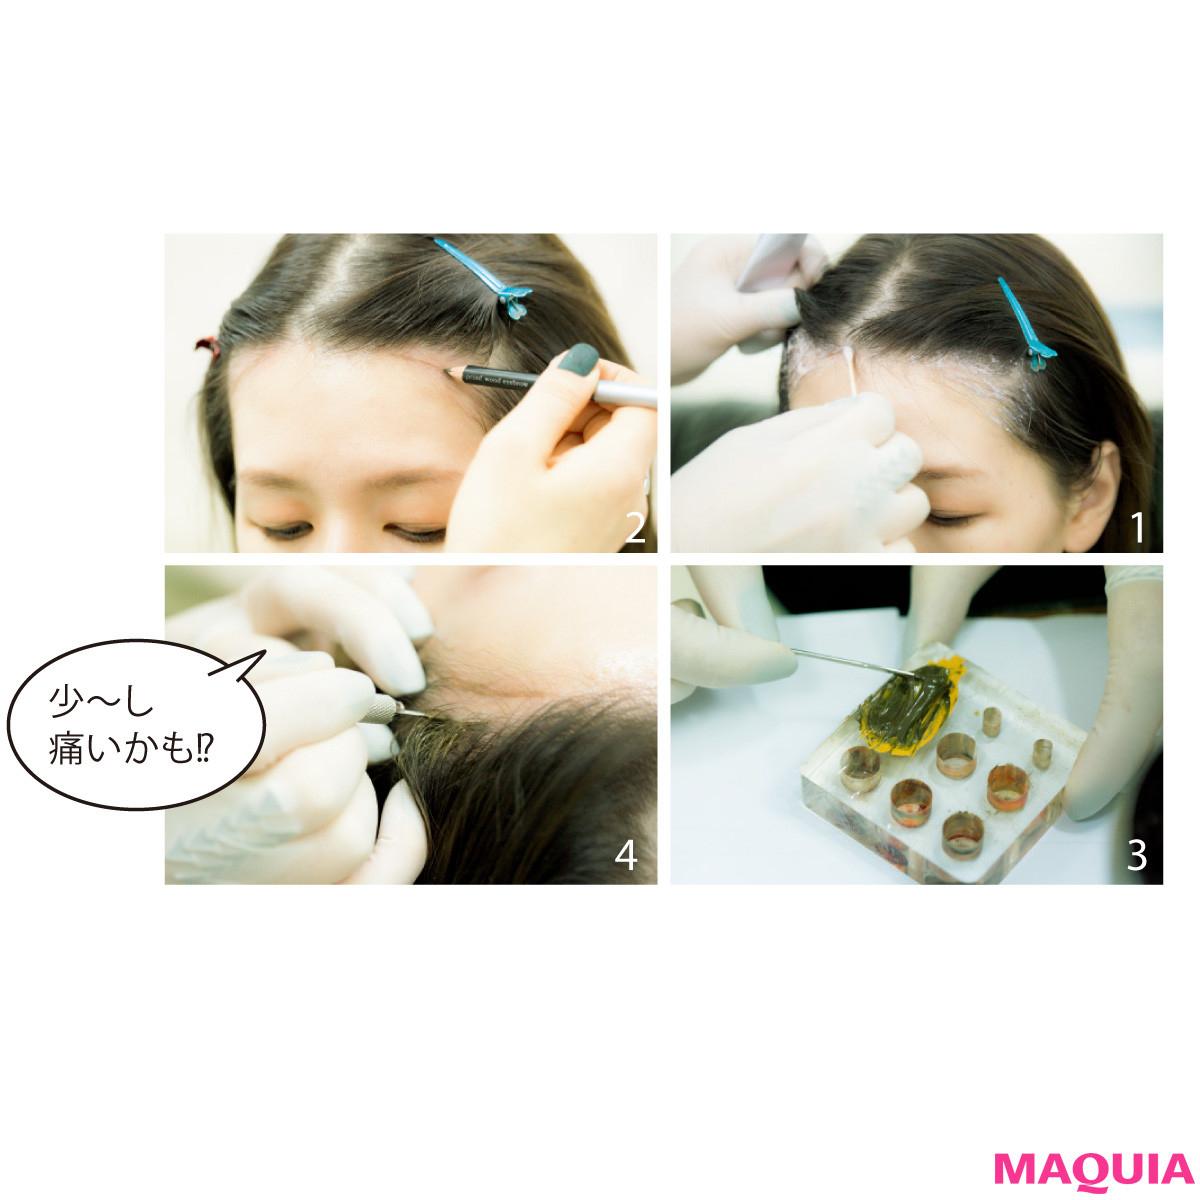 【生え際タトゥー・輪郭注射etc.】目からウロコの韓国・最新小顔美容事情